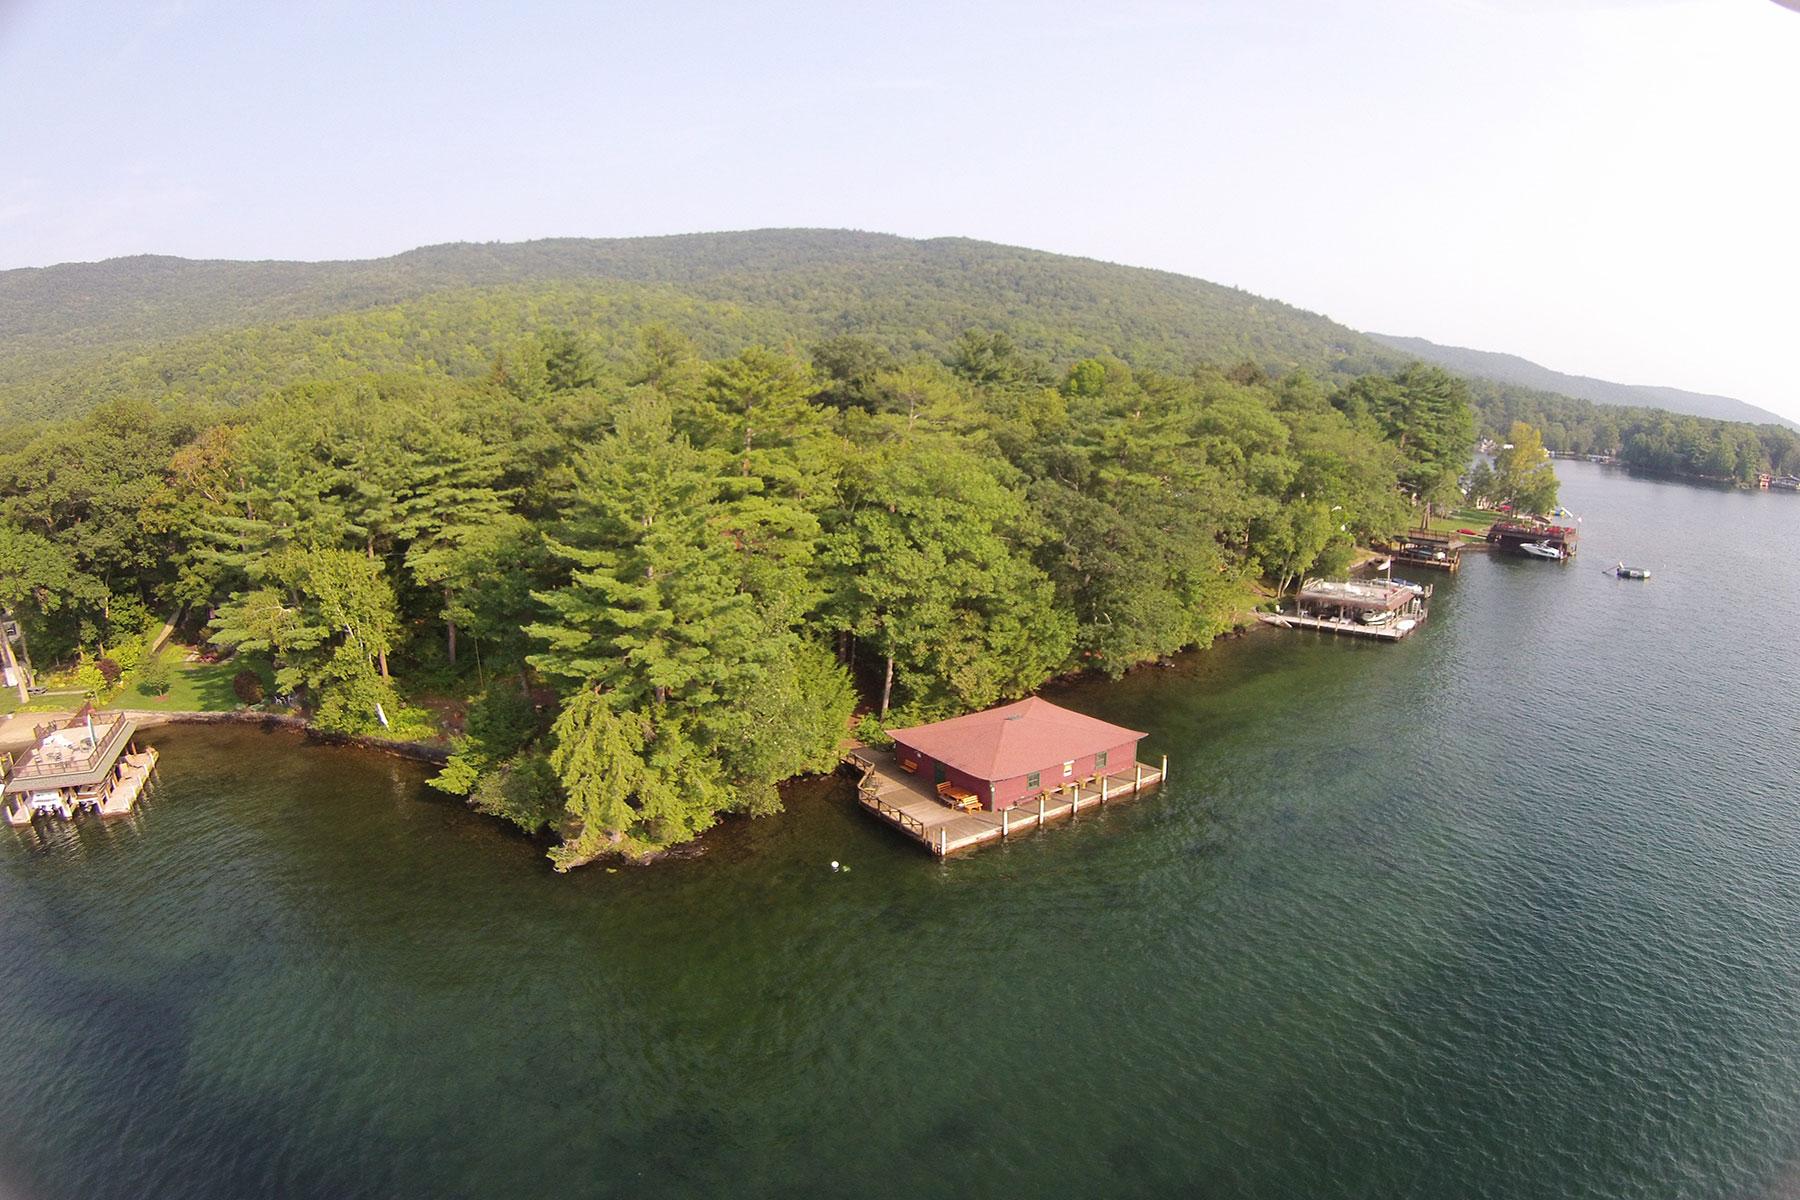 Частный односемейный дом для того Продажа на Tapawingo - Lake George Waterfront 32 Bean Rd Kattskill Bay, Нью-Йорк 12844 Соединенные Штаты